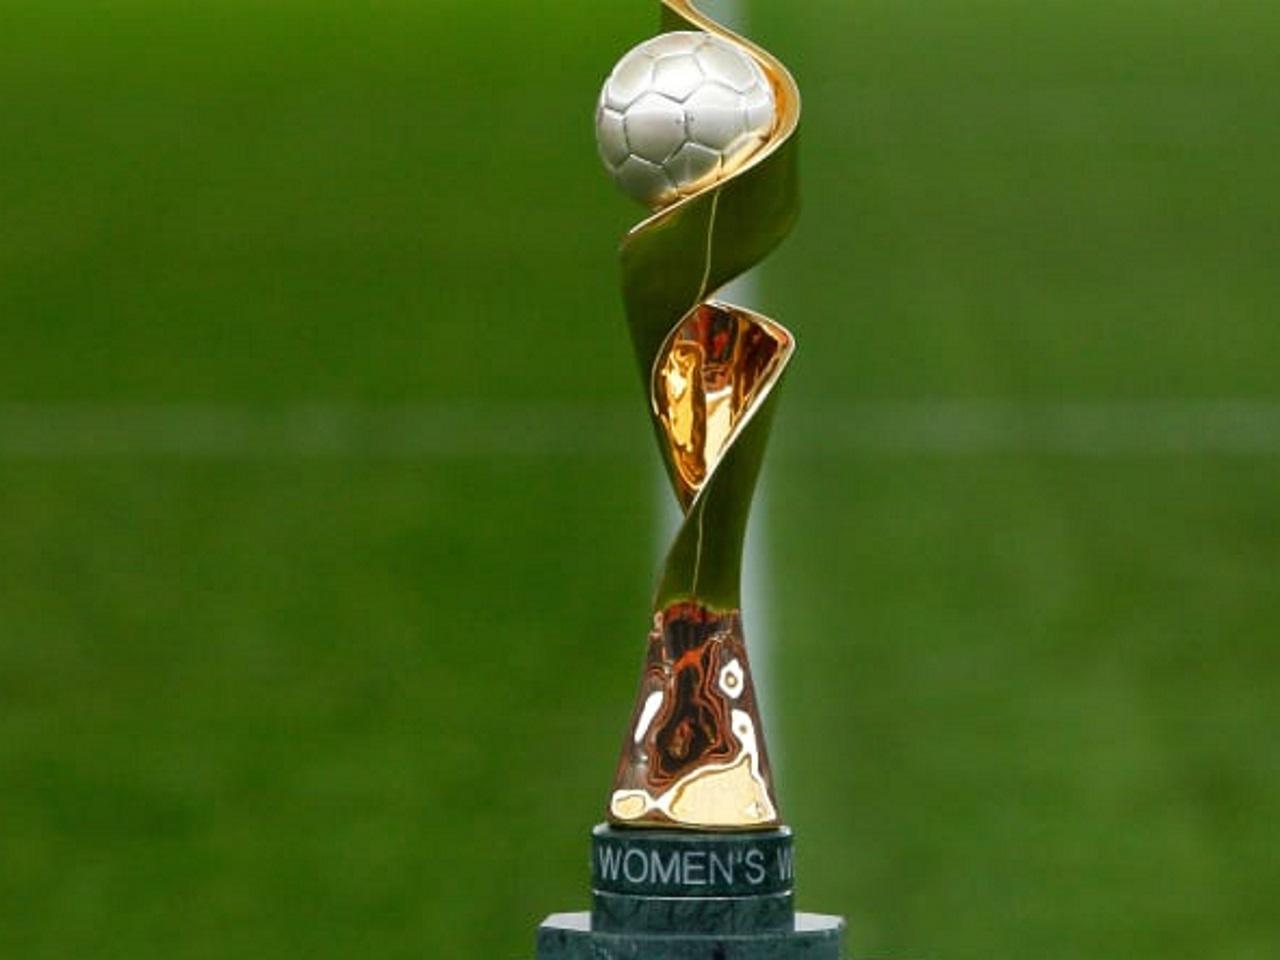 Football le troph e de la coupe du monde f minine - Coupe du monde de football feminin ...